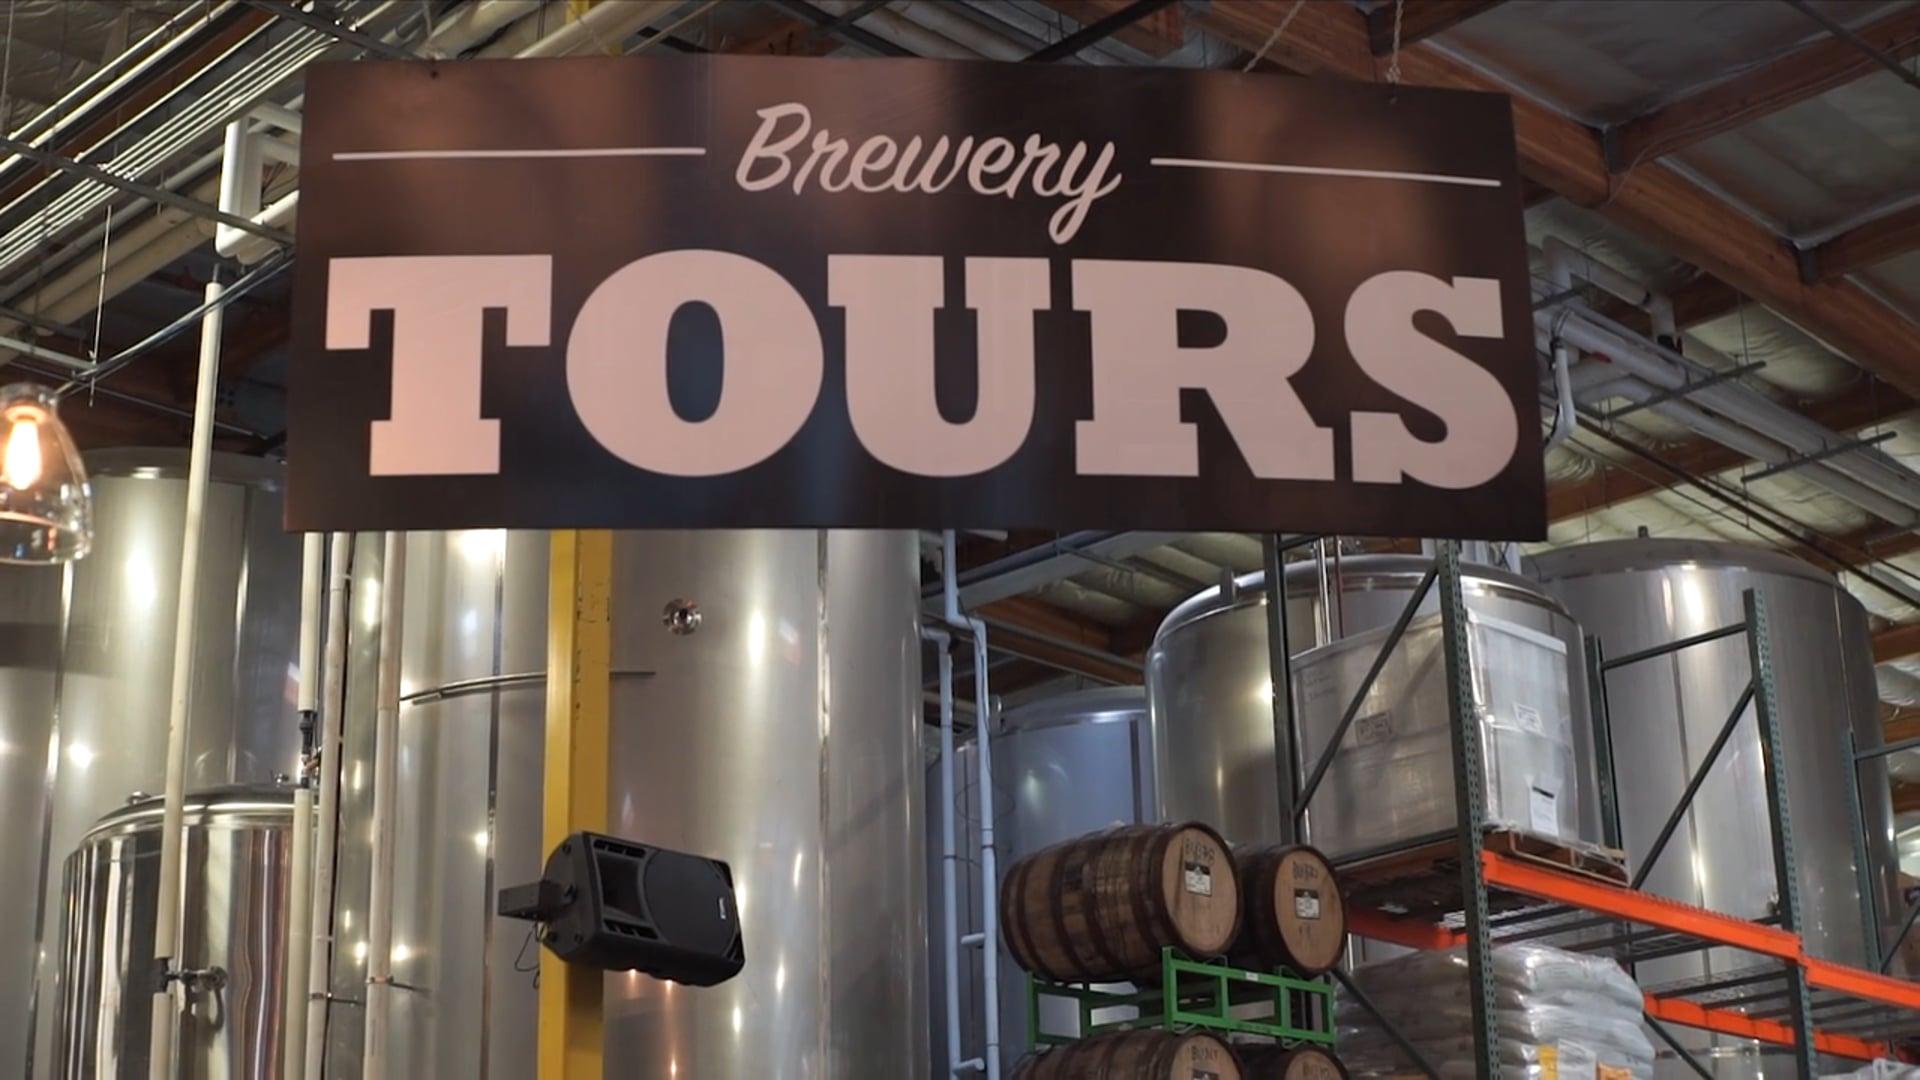 San Diego Brewery Tours Promo